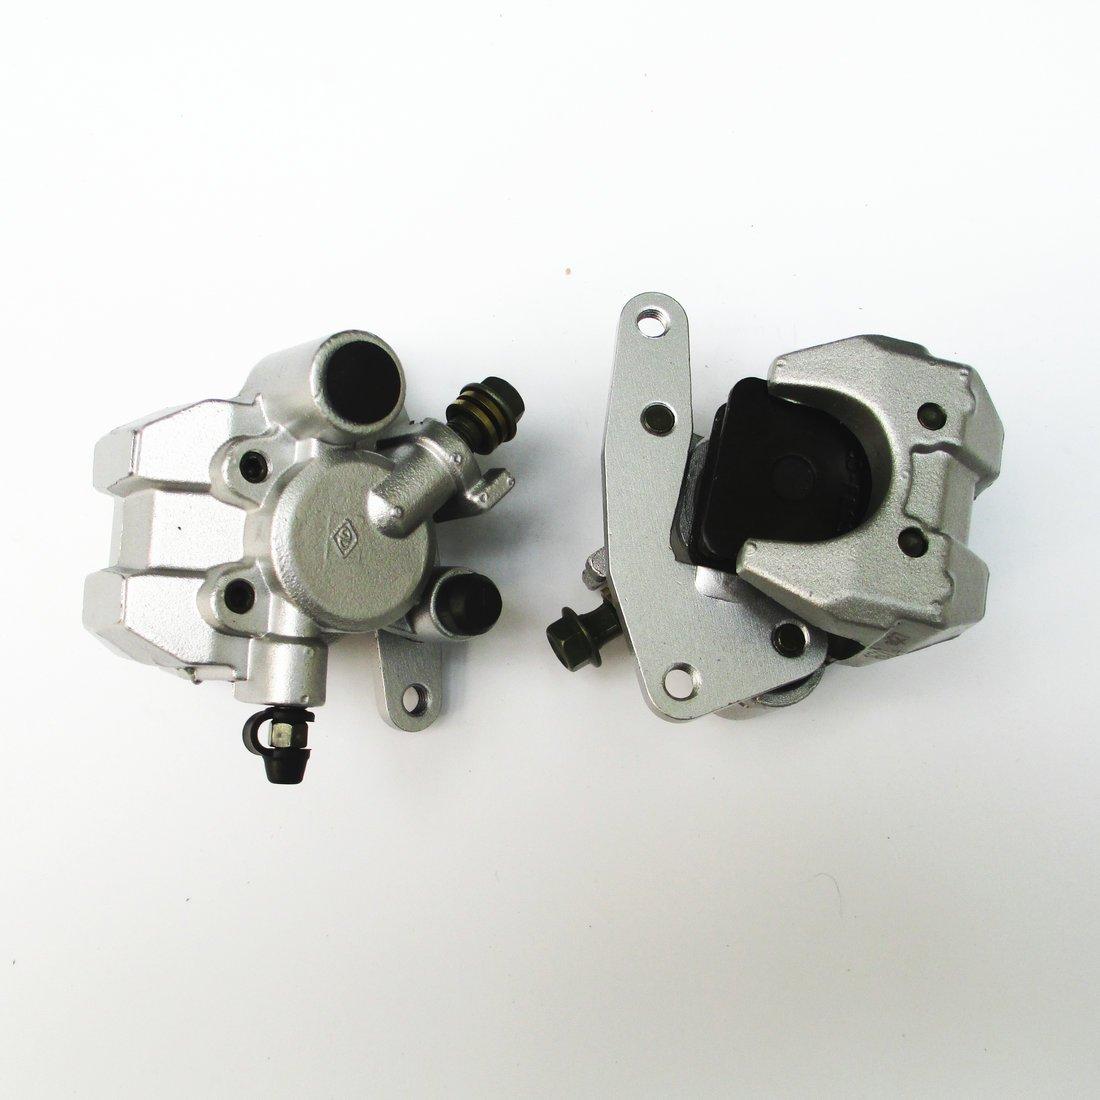 New Front Brake Caliper Set for YAMAHA RAPTOR KODIAK WOLVERINE YFM350 400 45 660 NEW by WADS1000292 (Image #3)